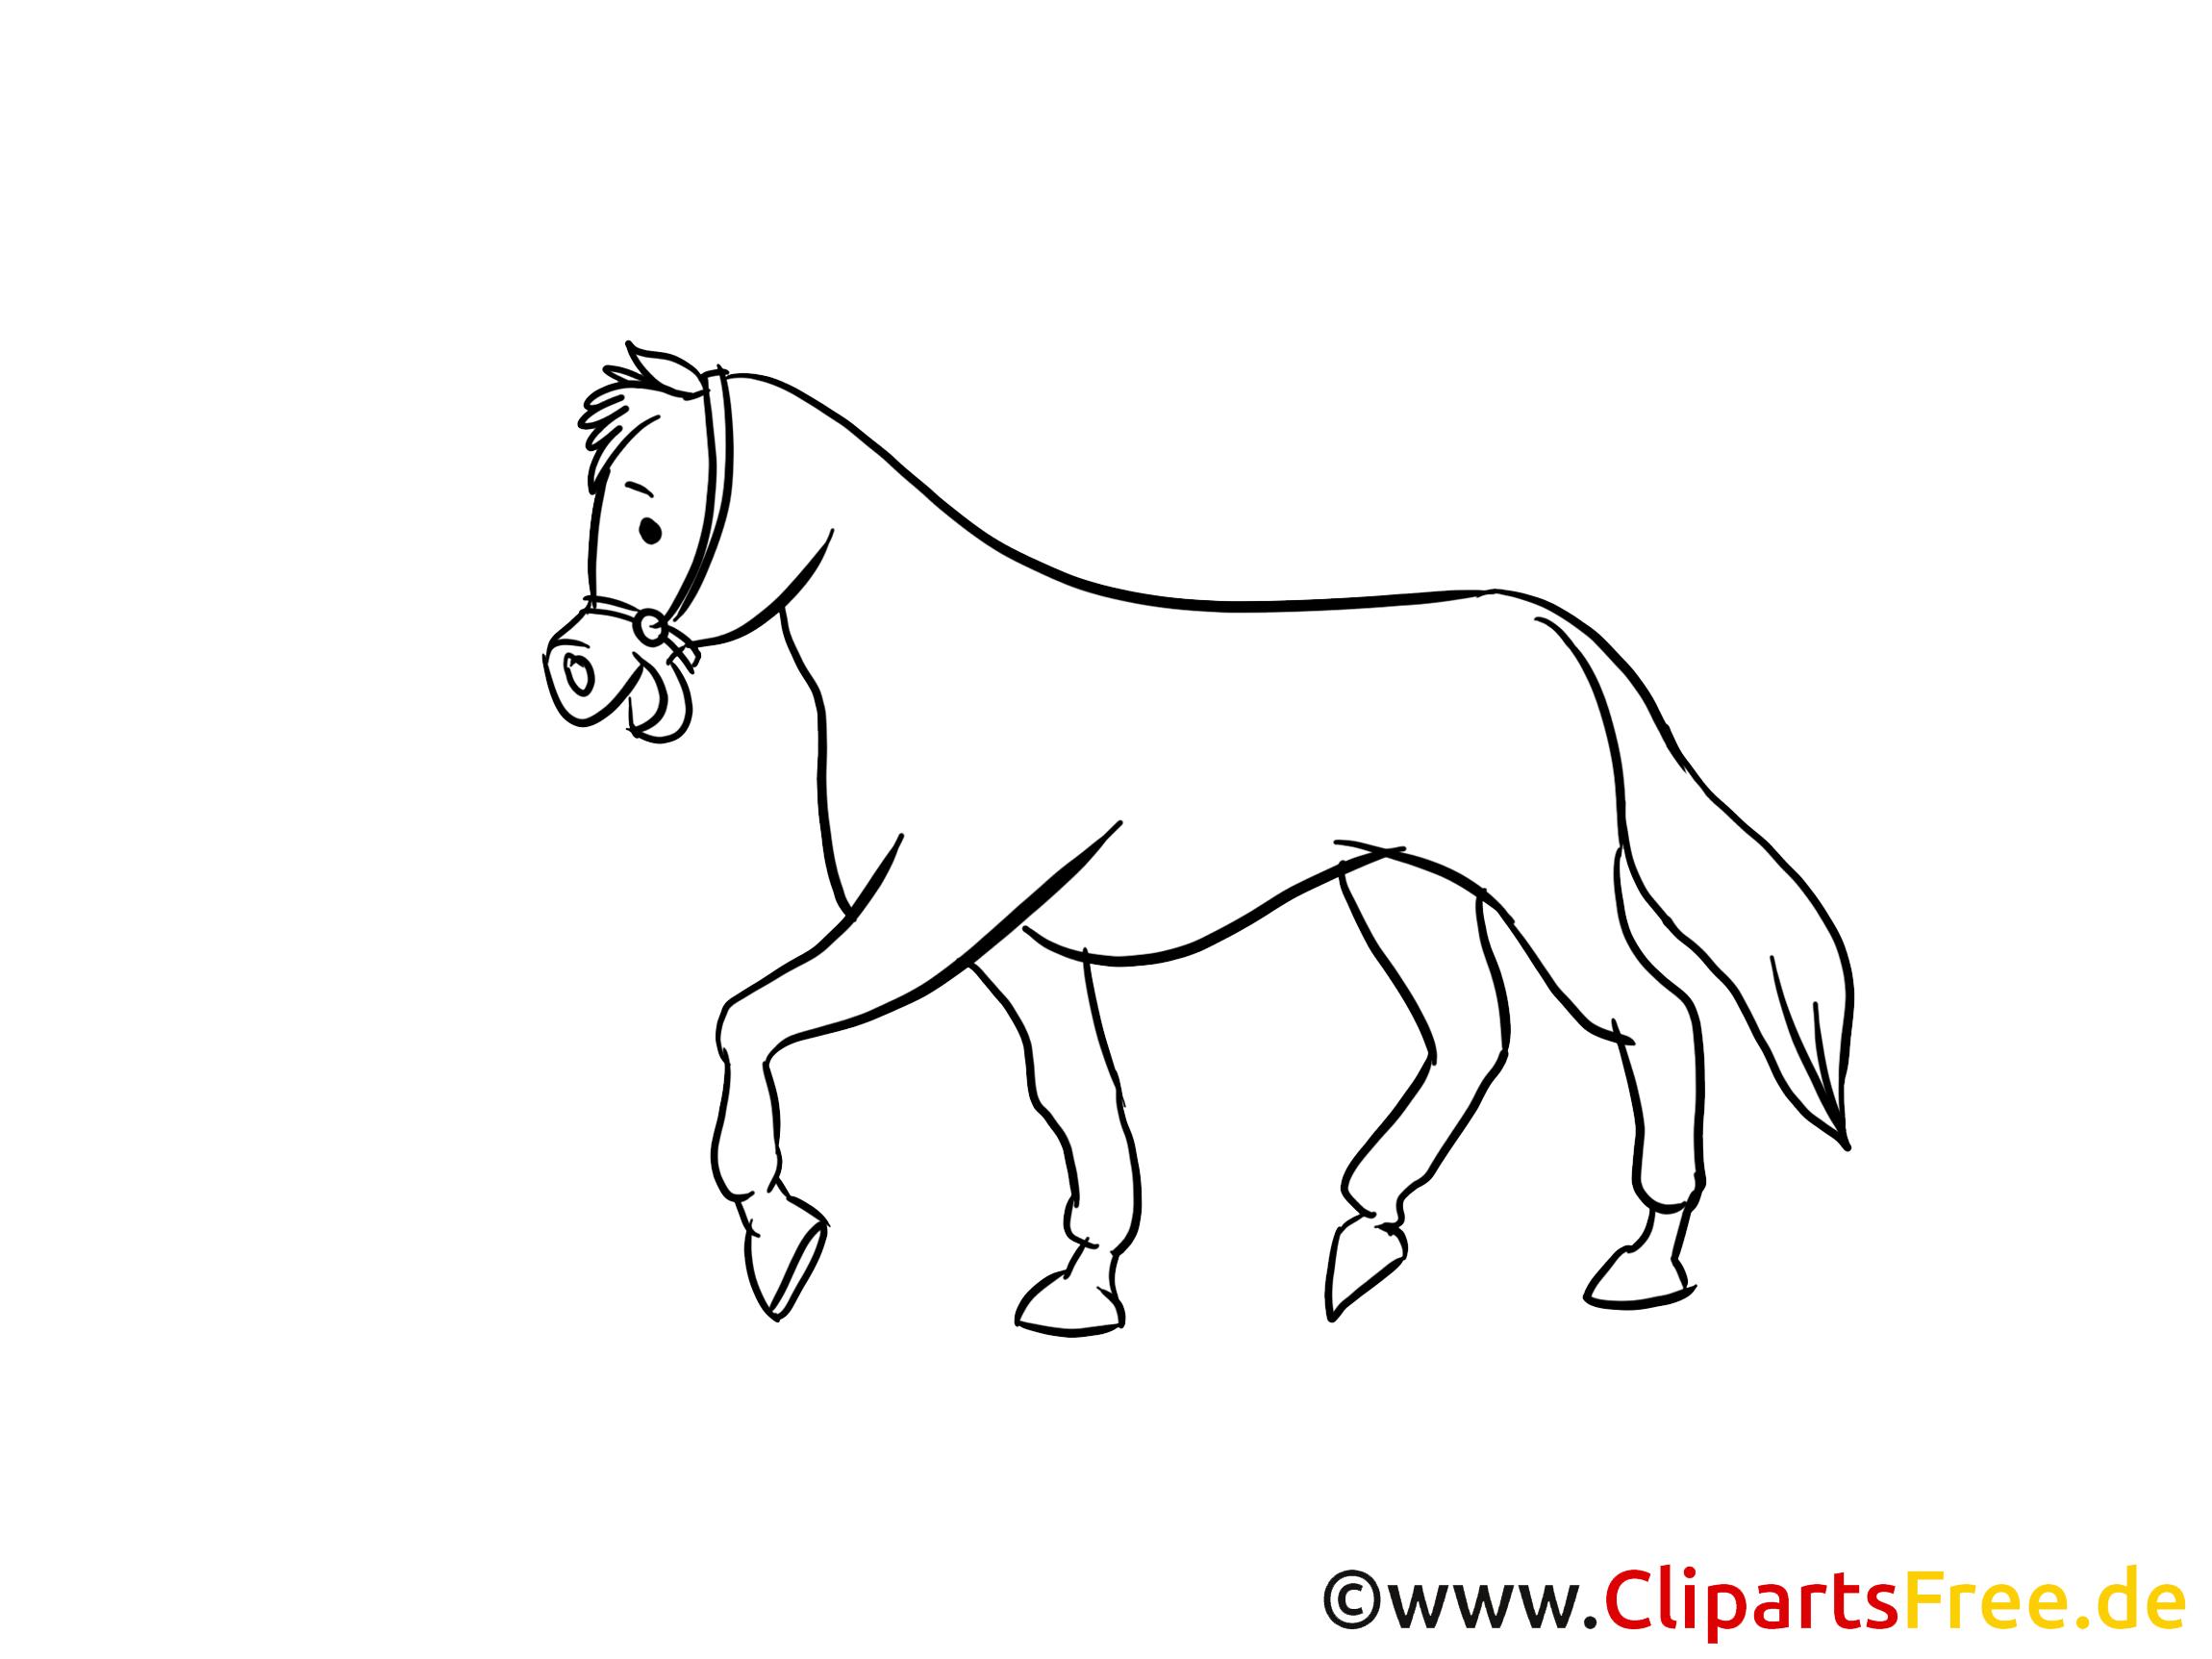 Clipart à imprimer cheval dessins gratuits